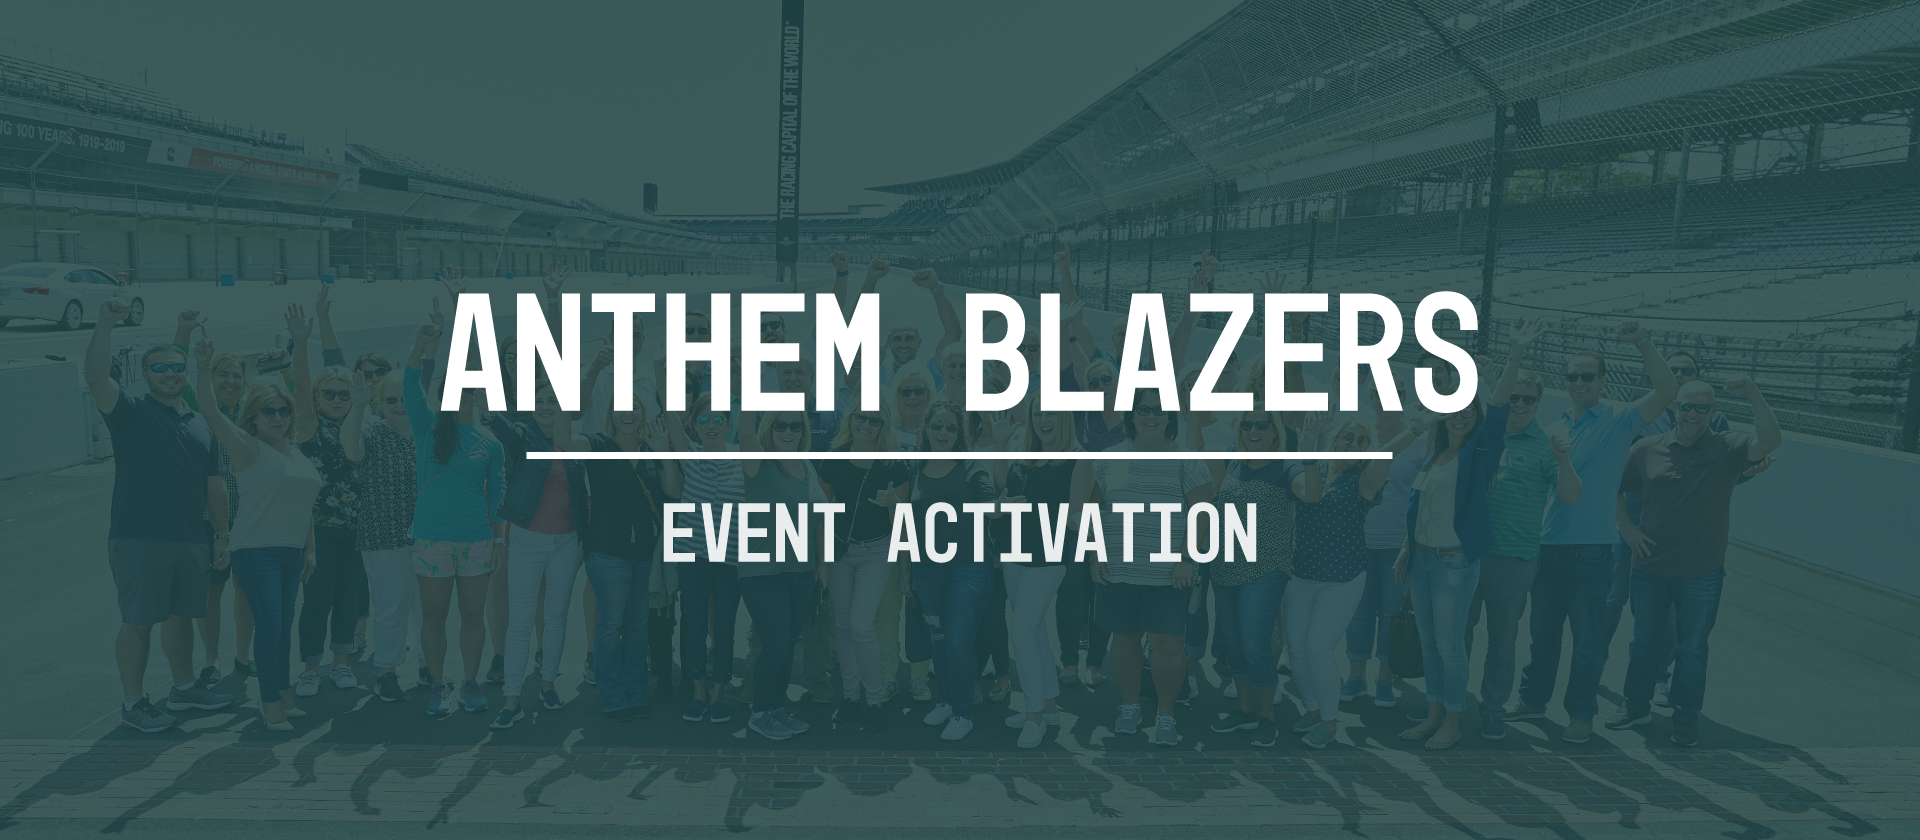 Blazers Header Klipsch Marketing & Advisors